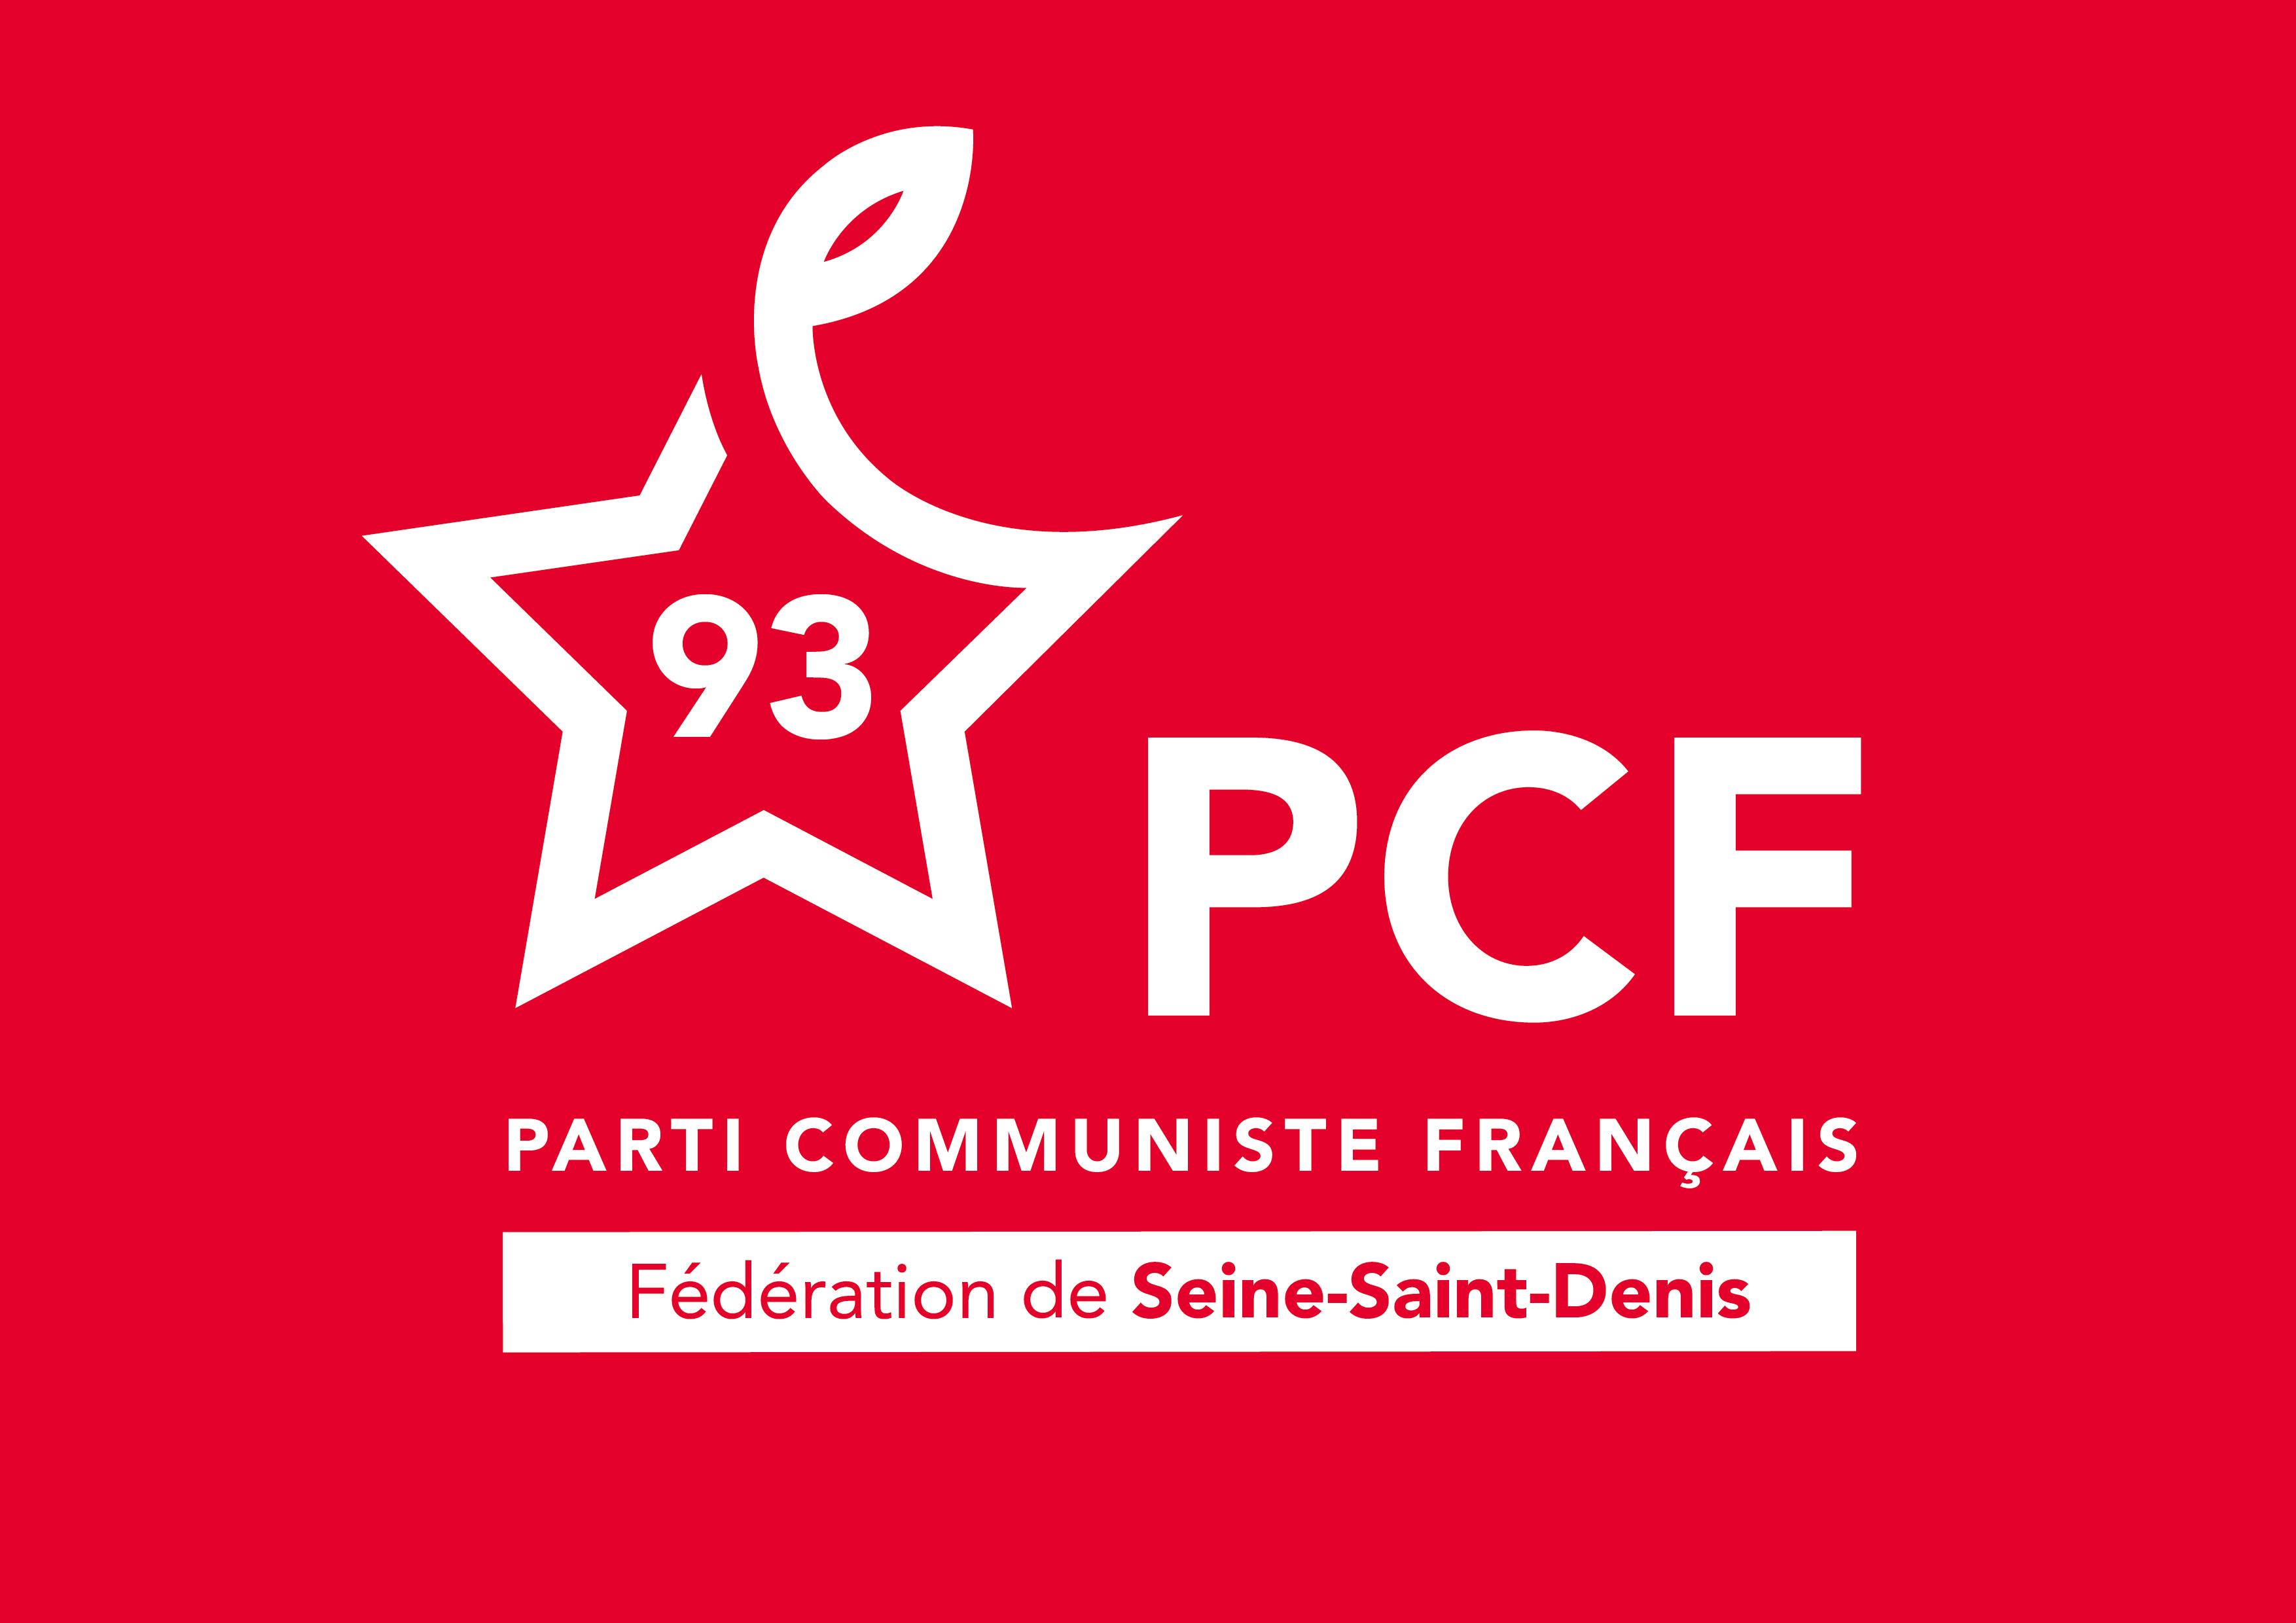 logo_93_R.png